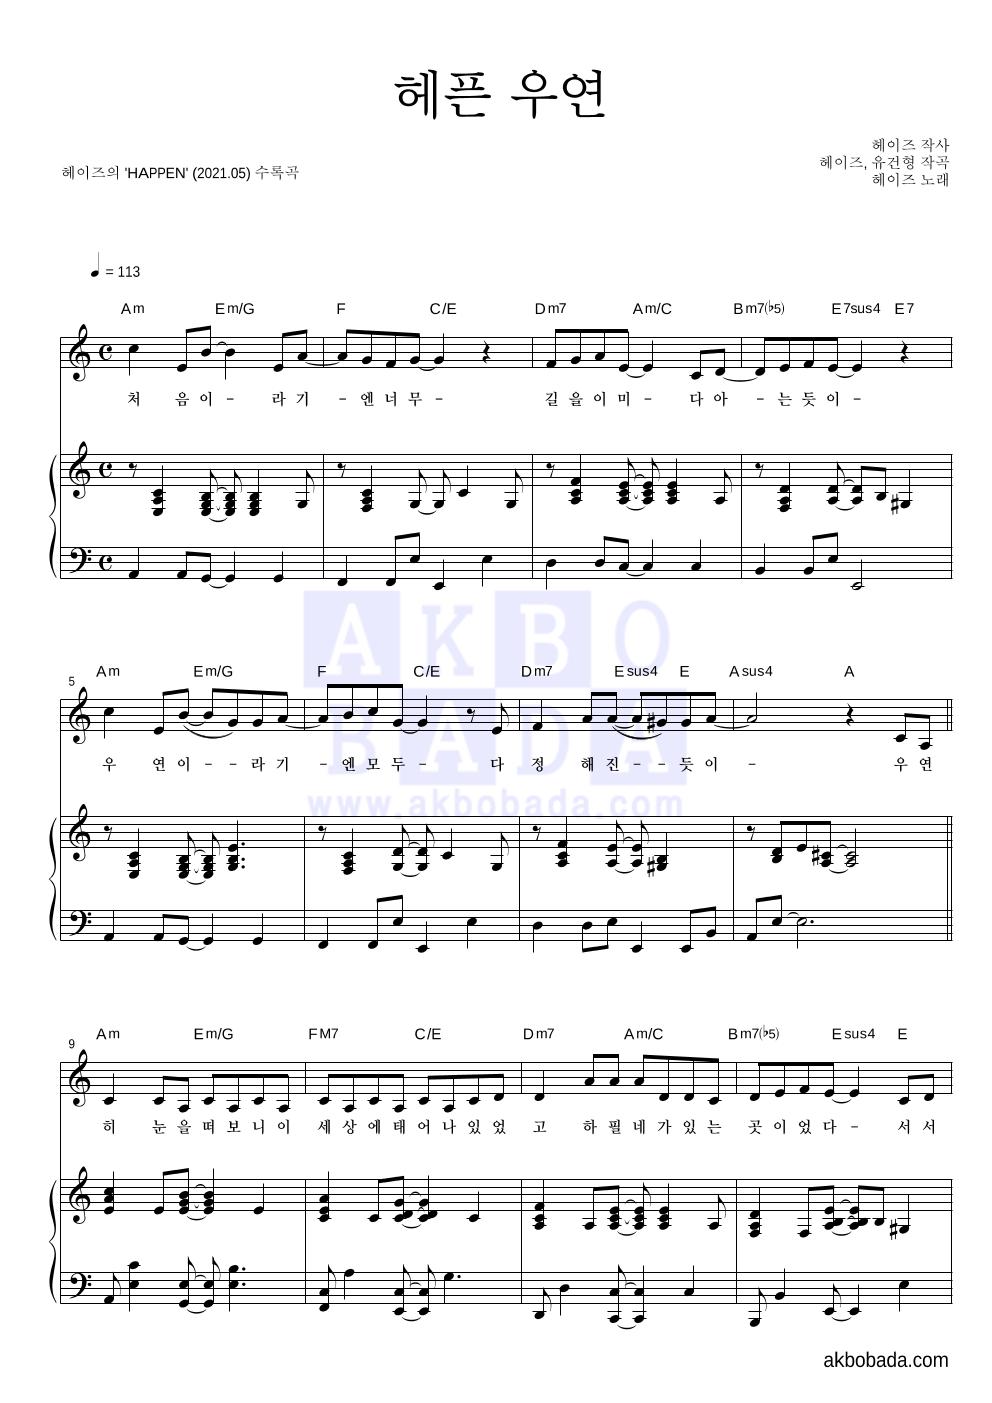 헤이즈 - 헤픈 우연 피아노 3단 악보